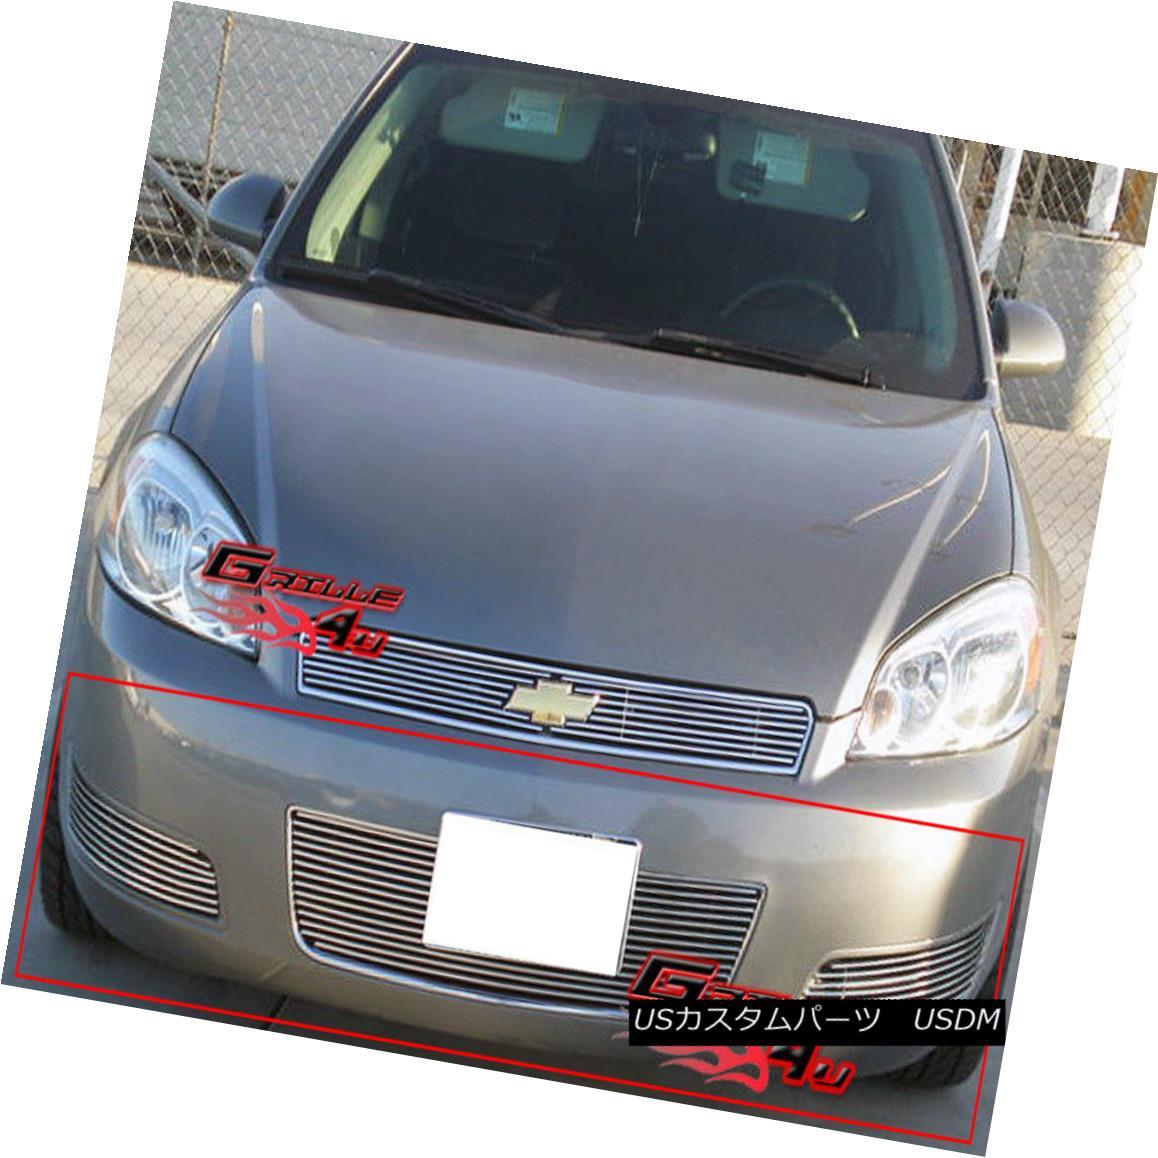 グリル Fits 2006-2013 Chevy Impala LT/LS W/O Fog light Bumper Billet Grille Insert フィット2006-2013シボレーインパラLT / LS W / Oフォグライトバンパービレットグリルインサート